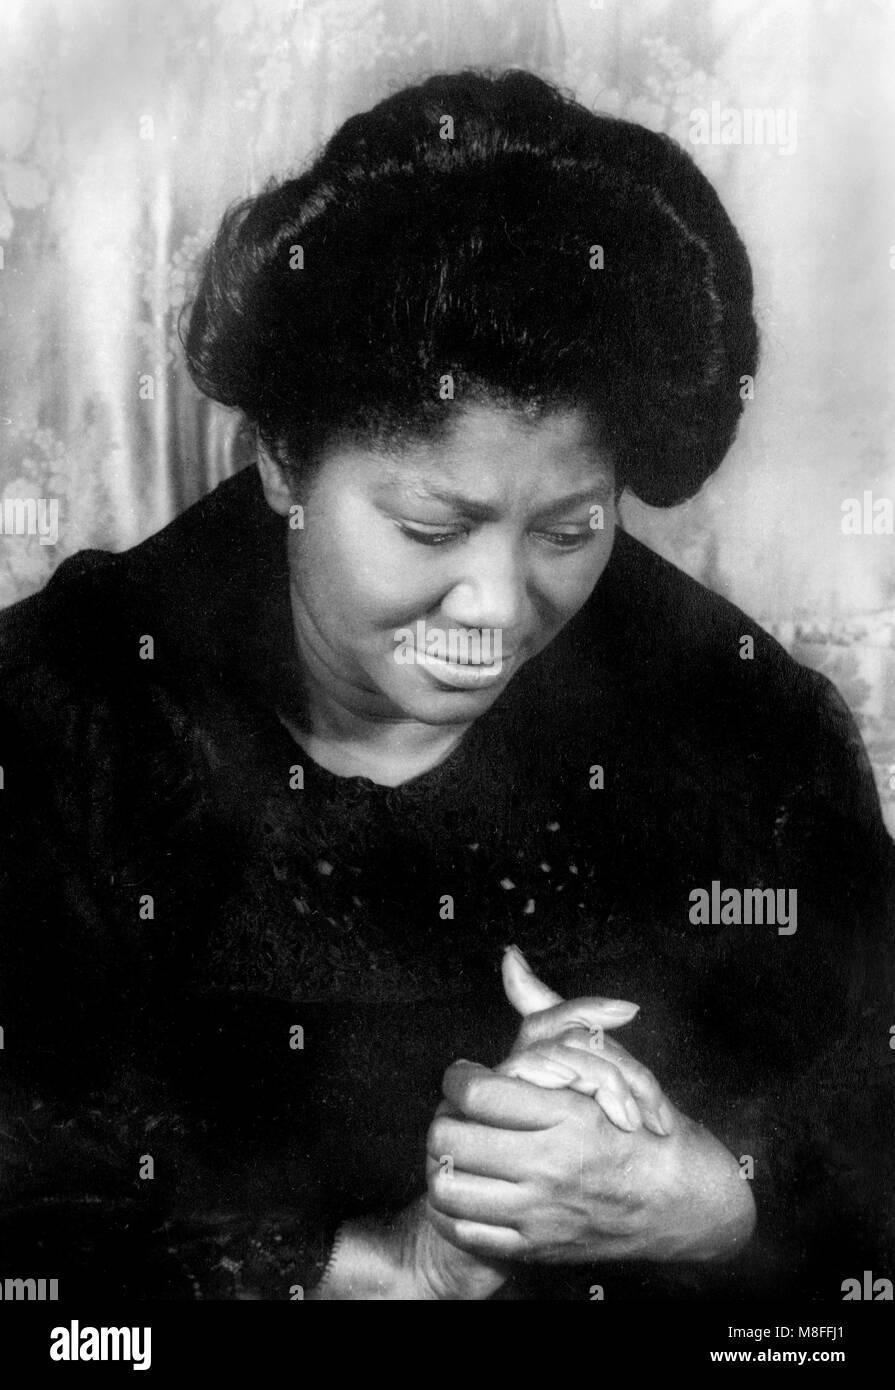 Mahalia Jackson (1911-1972). Portrait of the American gospel singer by Carl Van Vechten, 1962. - Stock Image